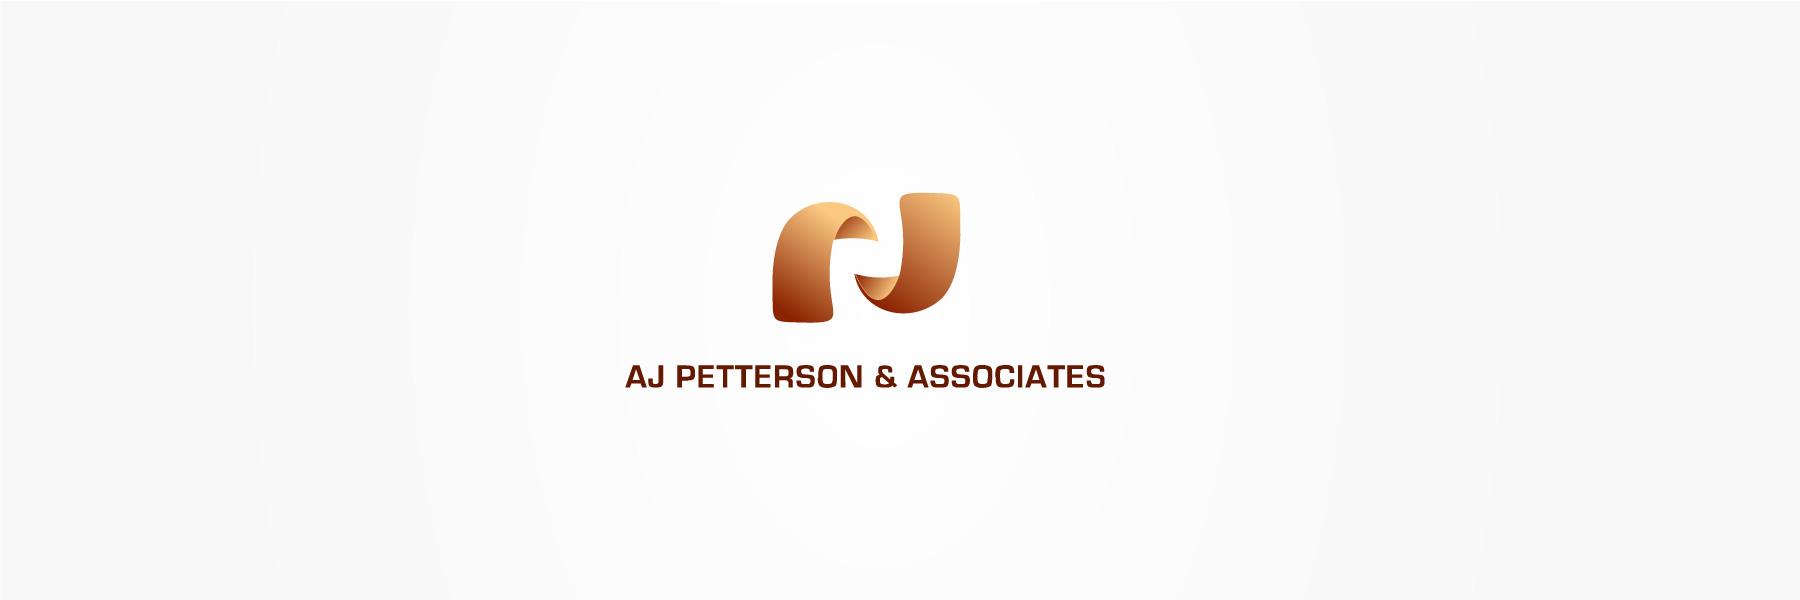 AJ-petterson-logo-Design